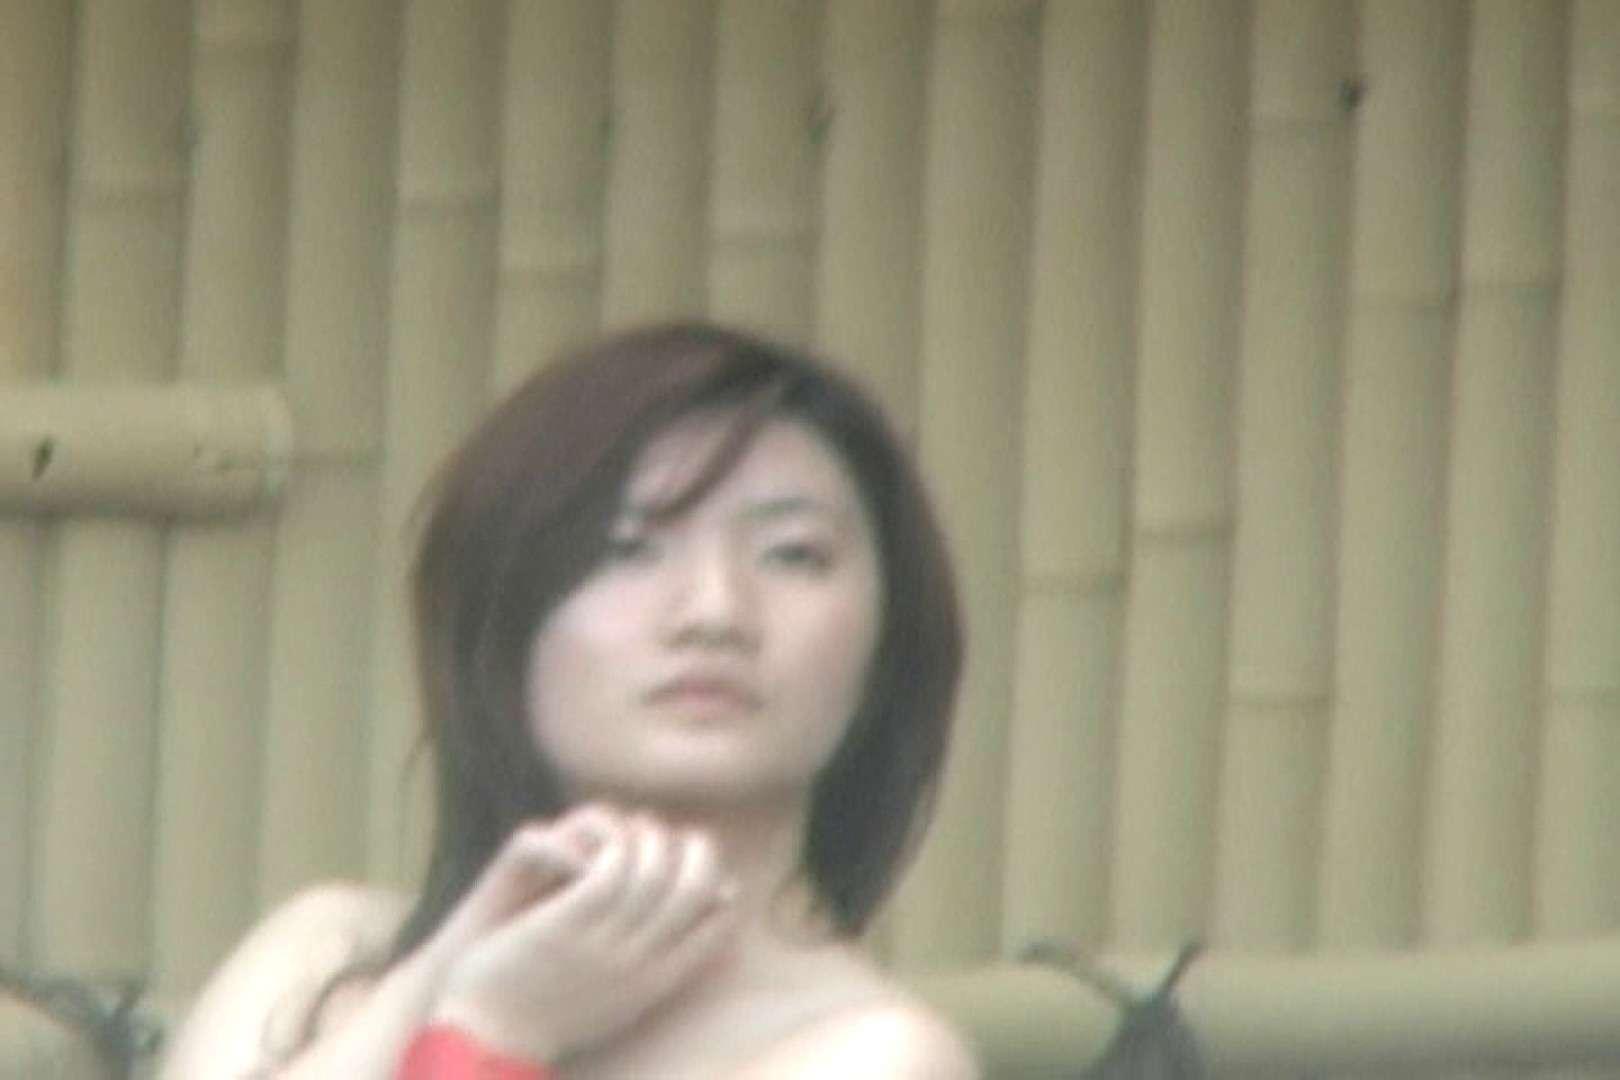 Aquaな露天風呂Vol.590 エッチな盗撮 ワレメ動画紹介 112pic 8